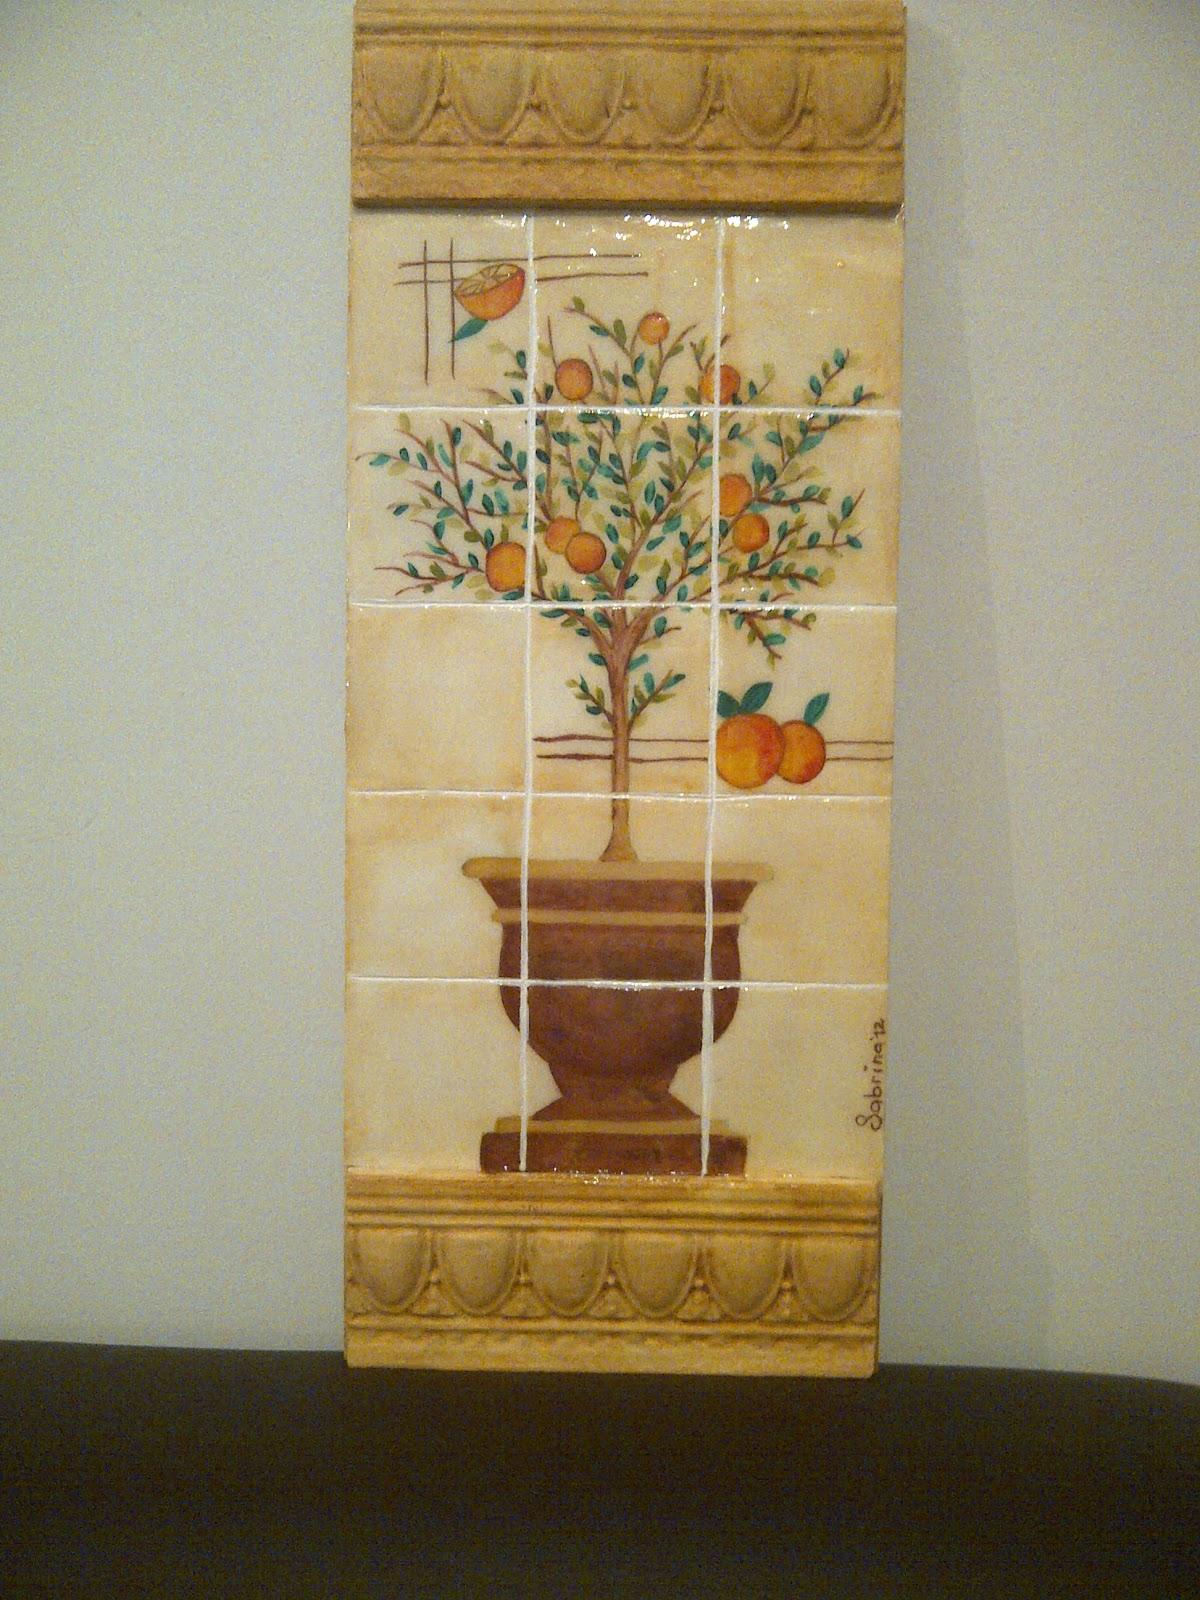 Arte y decoracion estilo mosaico - Arte y decoracion ...